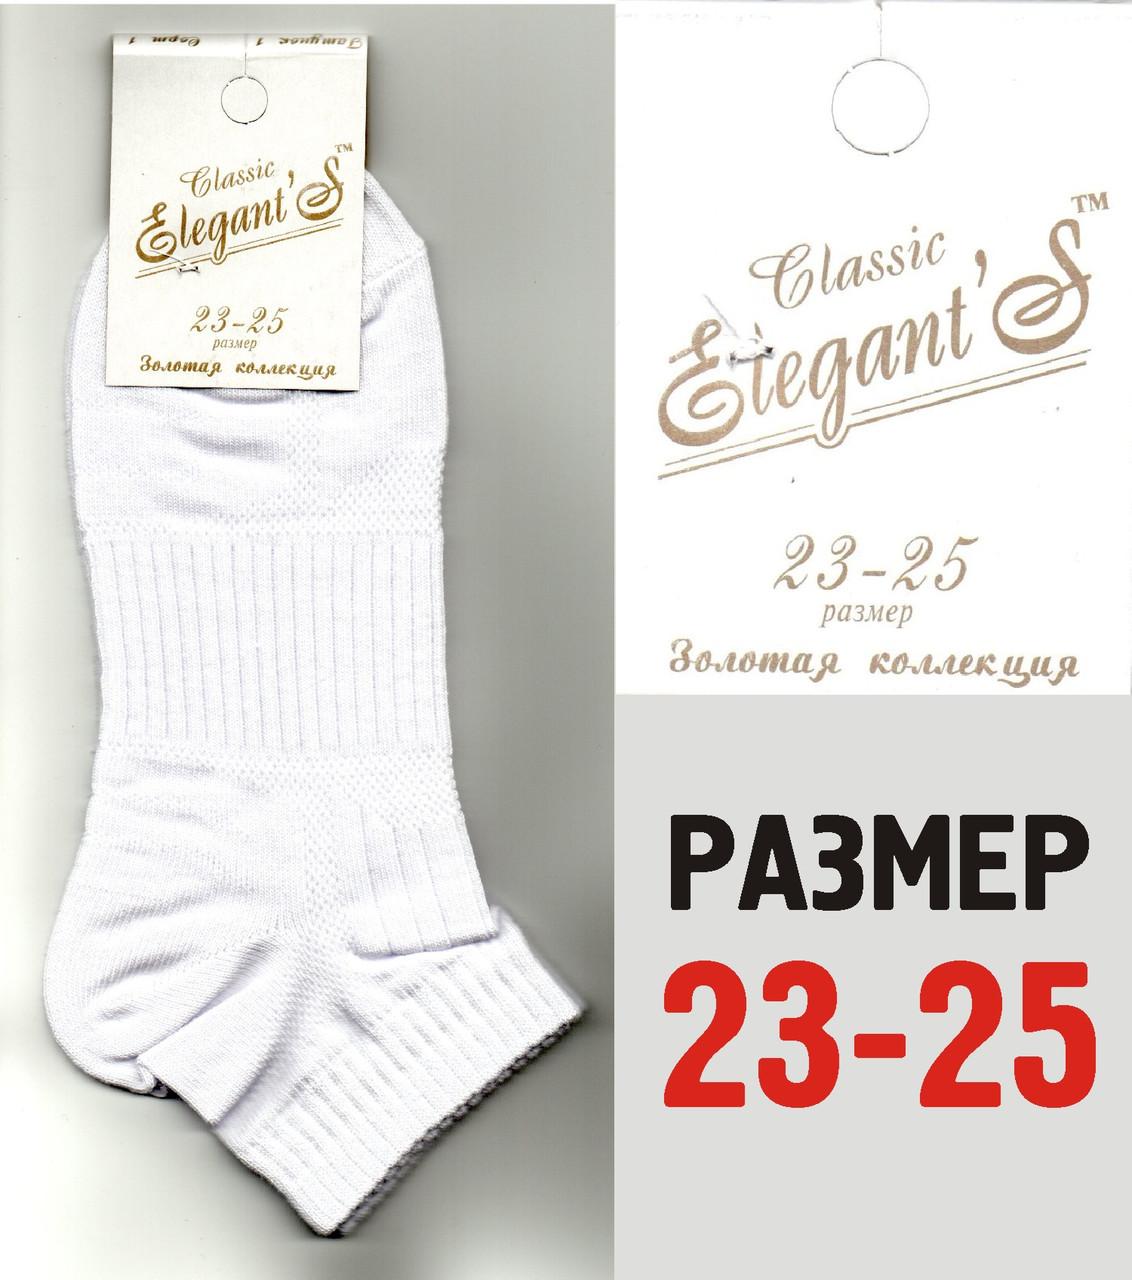 Носки женские с сеткой Elegant Украина белые 23-25 размер НЖЛ-0354